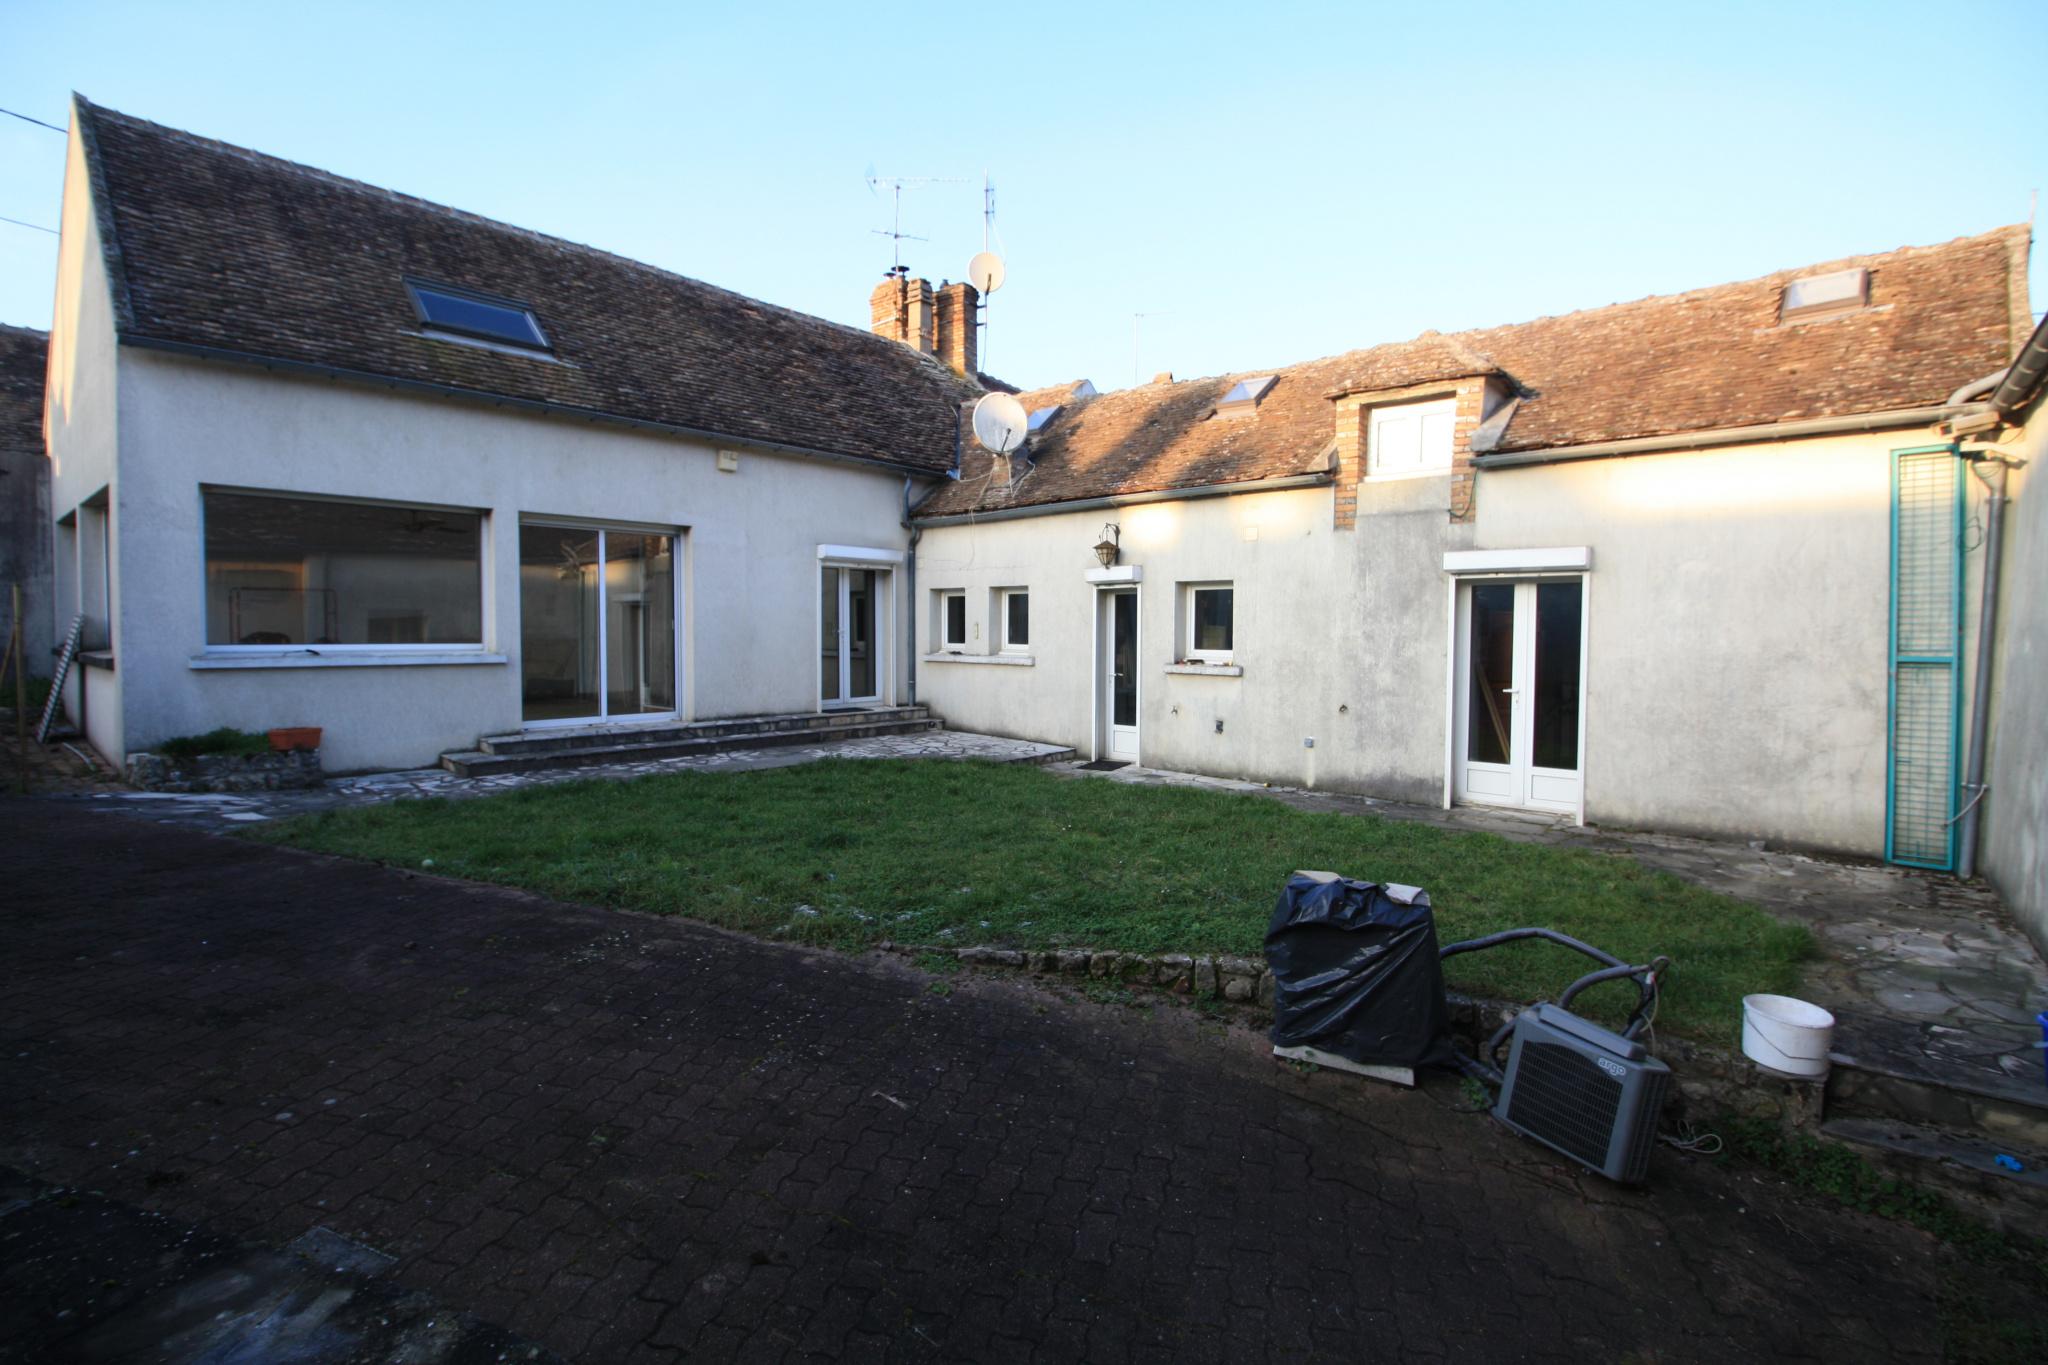 vente Maison 150 m2 4 chambres + Grange 80 m2